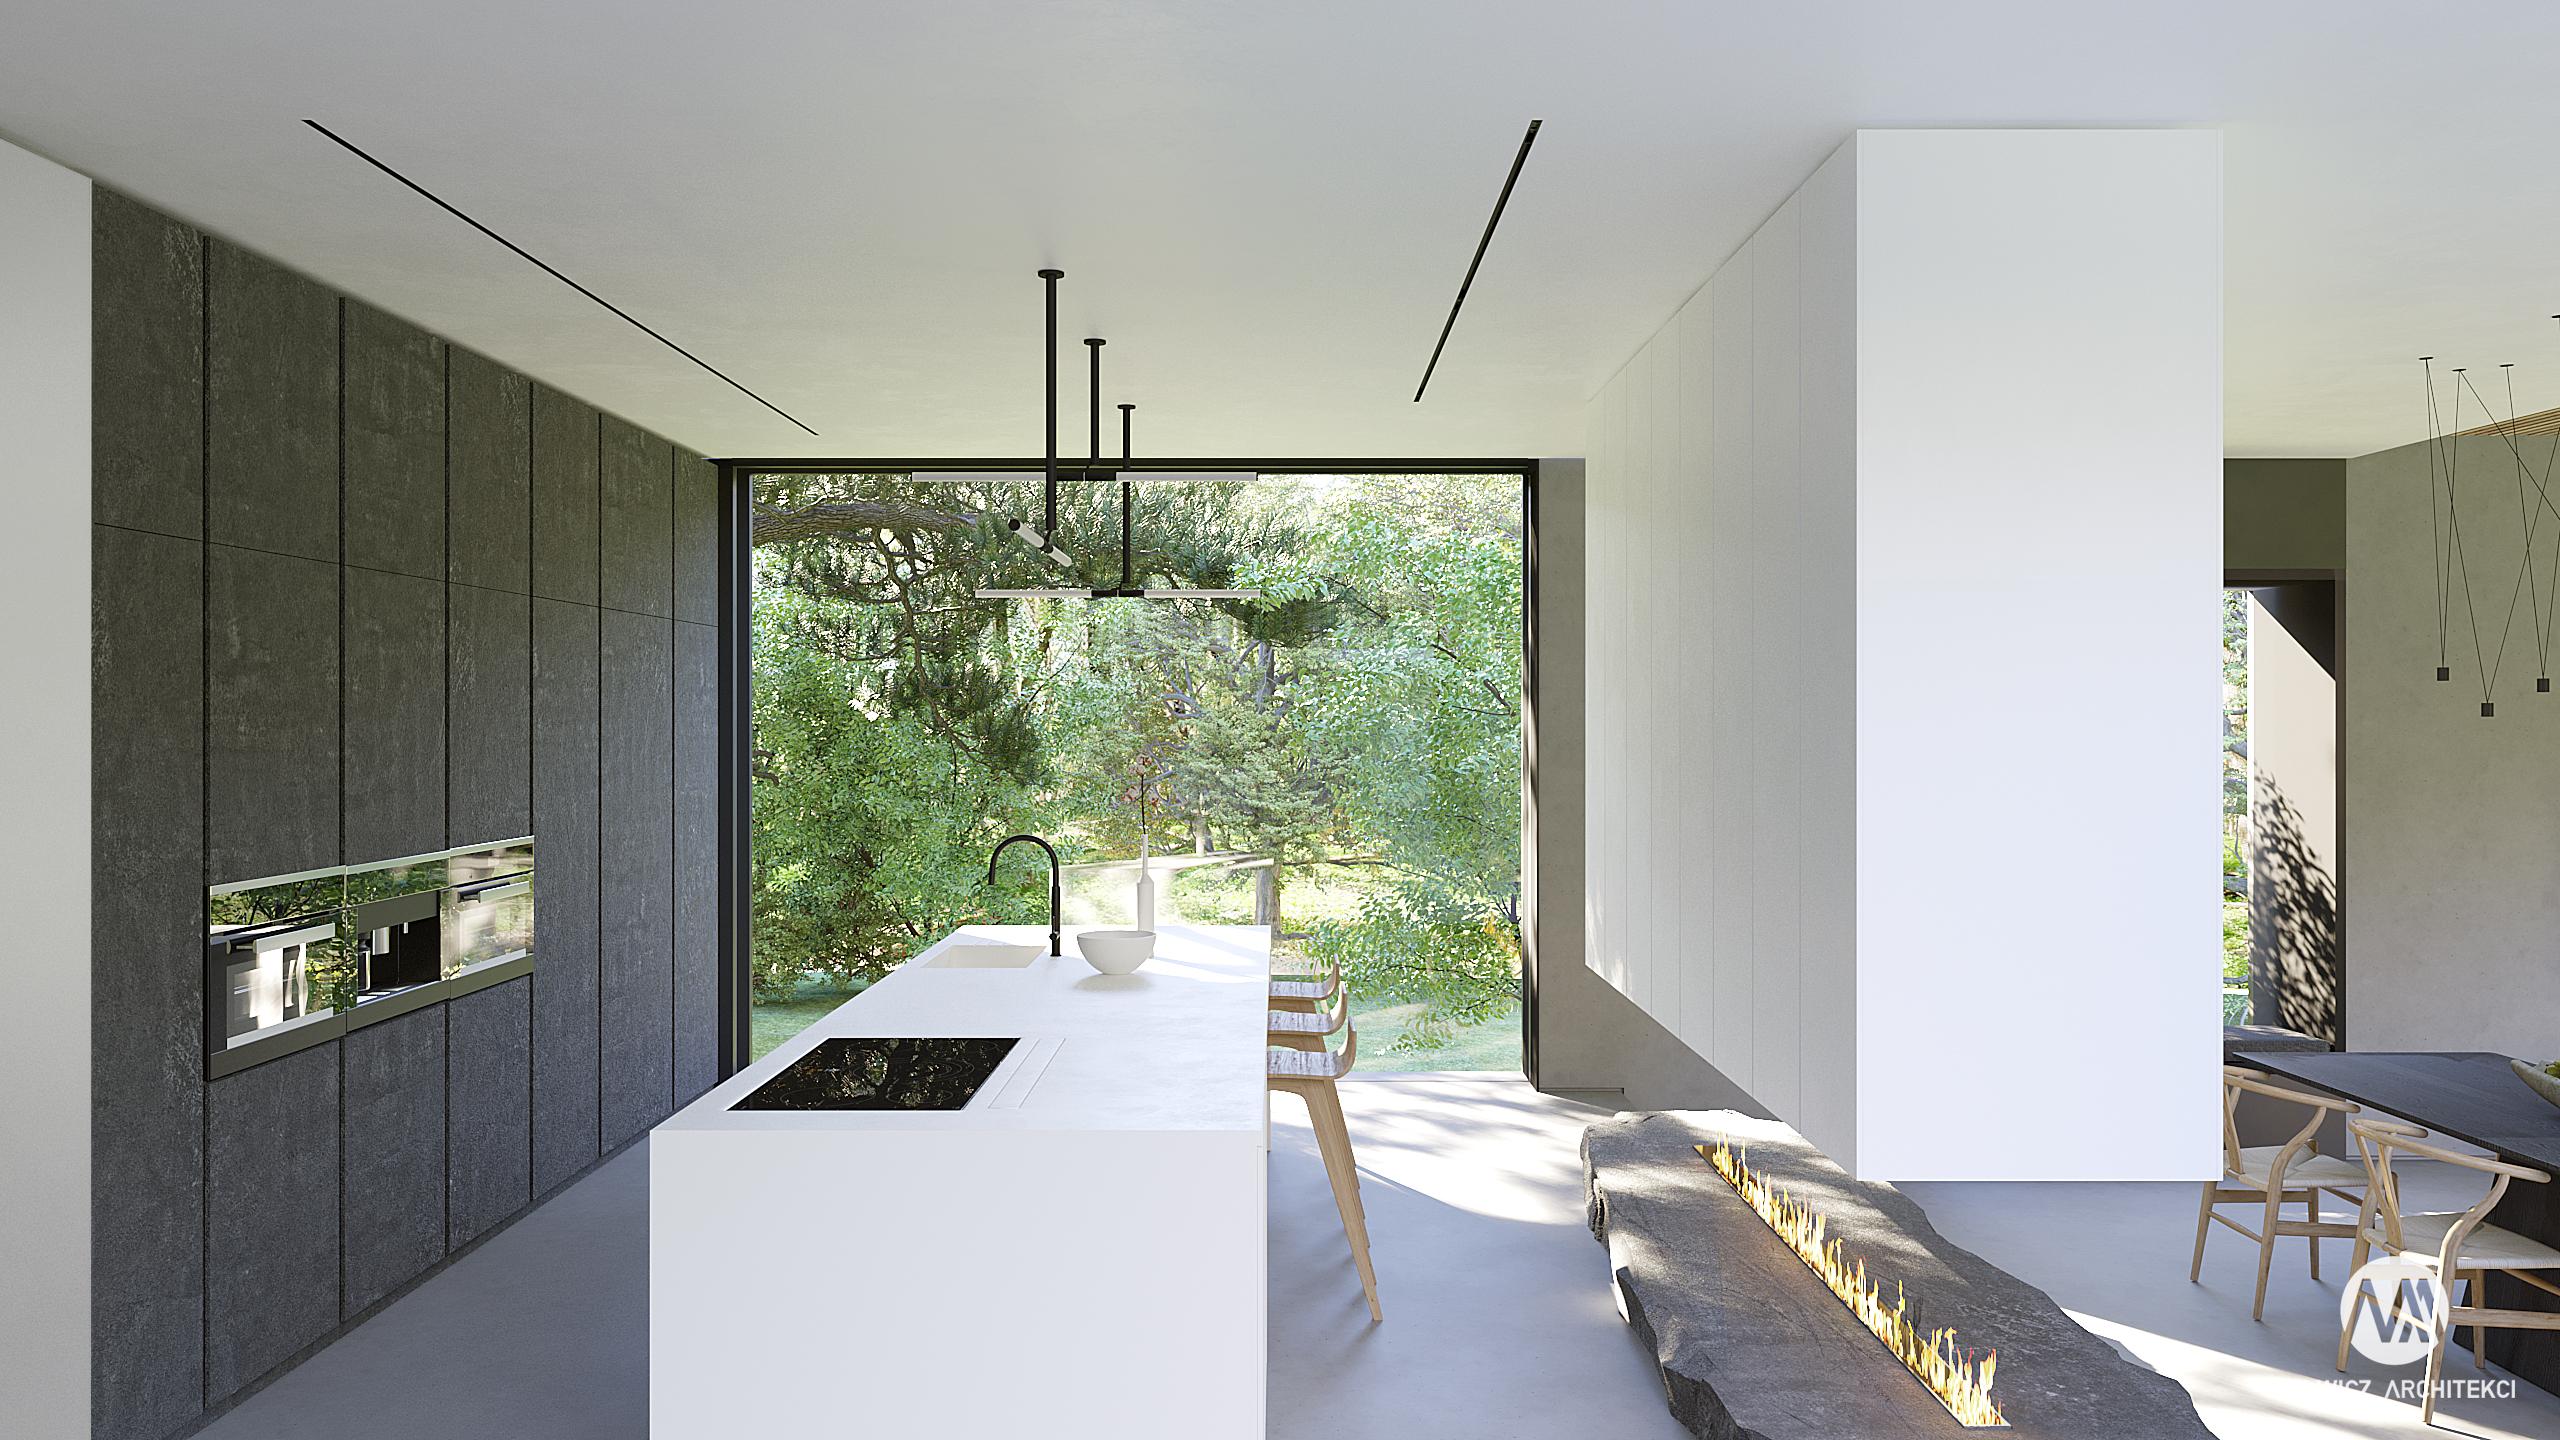 projekt Mielno, projekt indywidualny, nowoczesna architektura, duże przeszklenie, duże okna, kominek